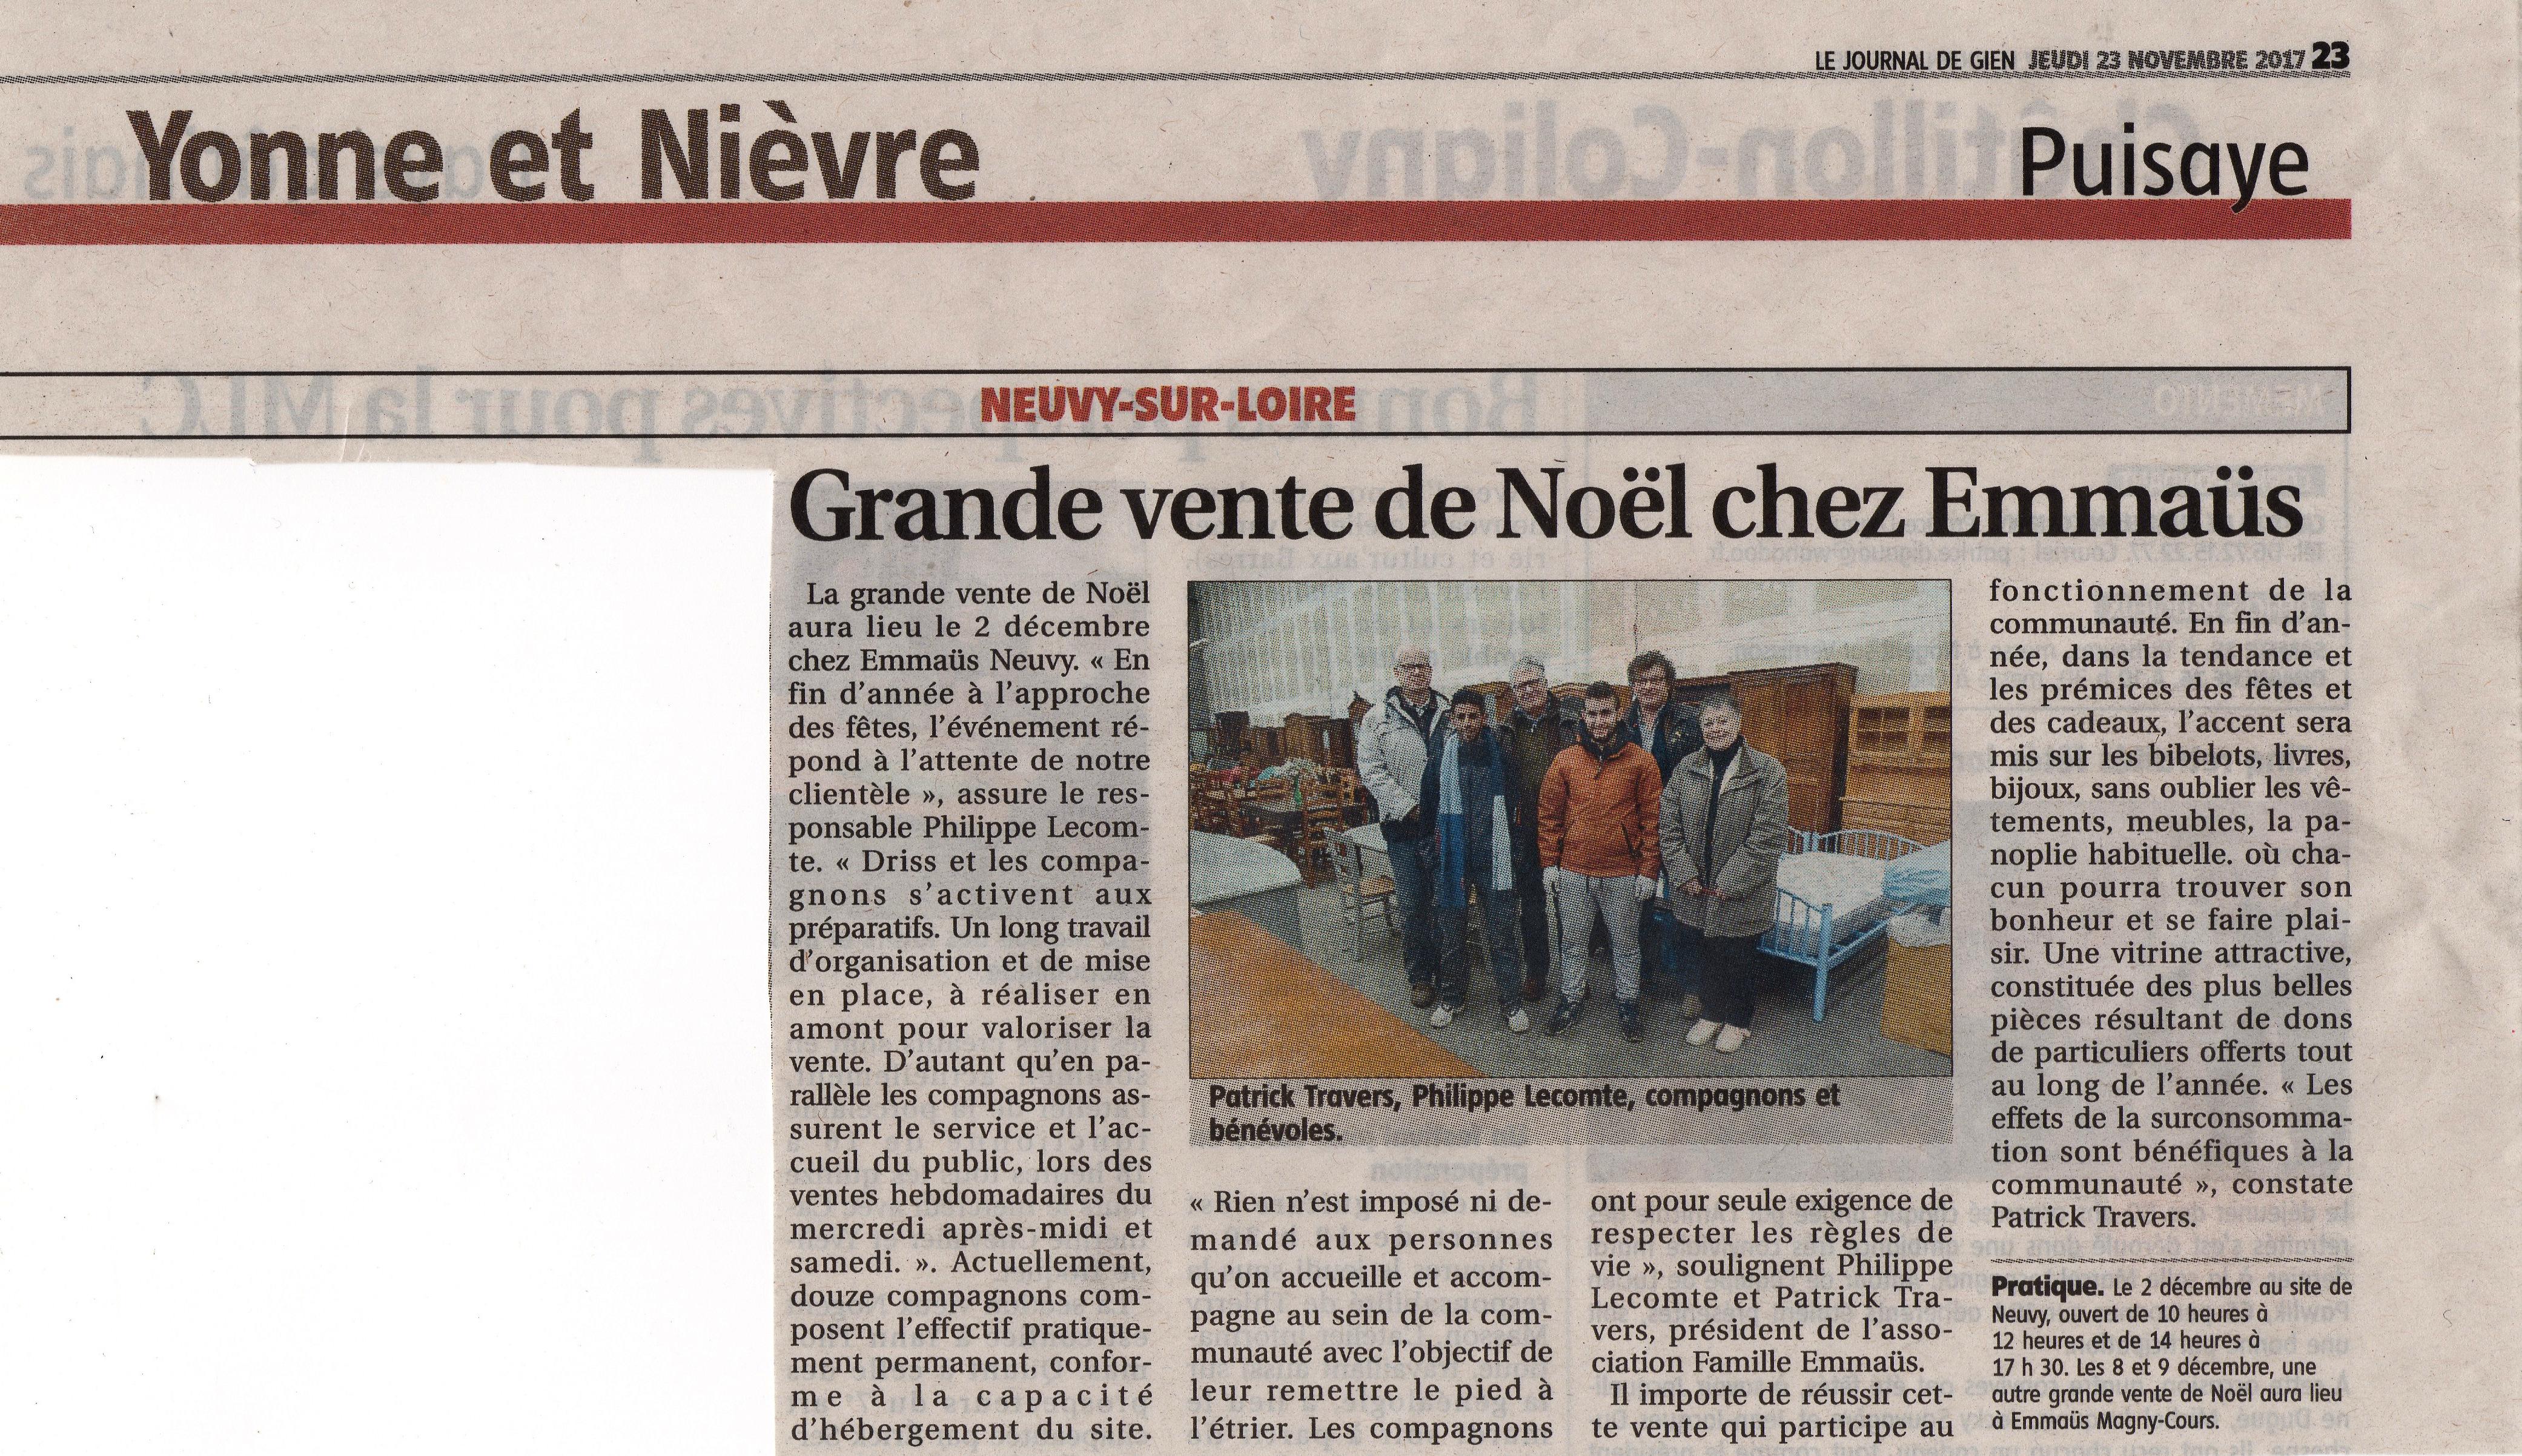 23 Nov 2017 Le Journal De Gien Emmaüs Nièvre